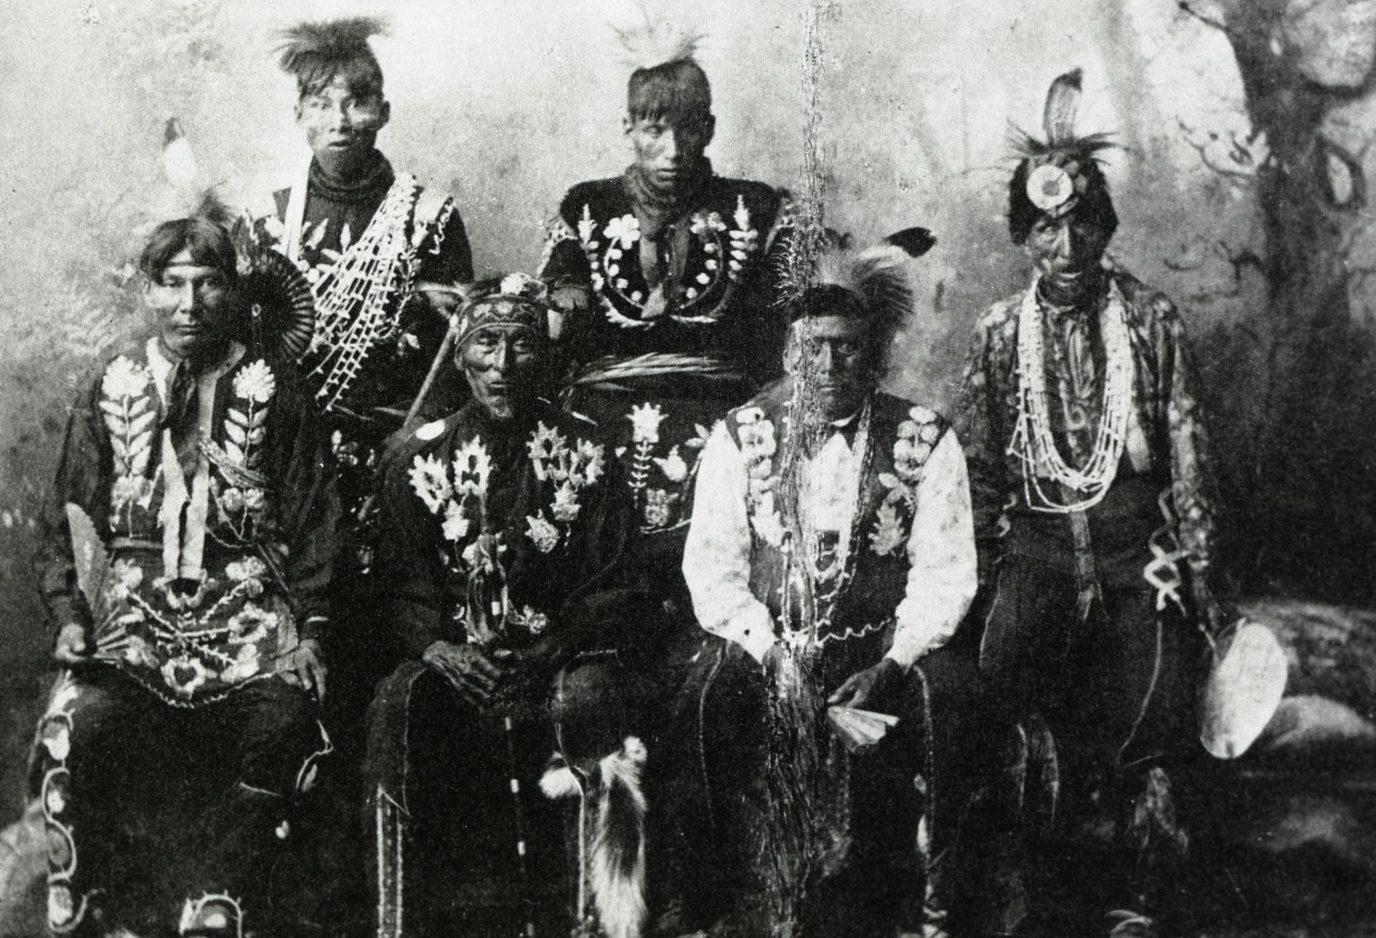 Historic black & white portrait of six Native American men in ceremonial attire